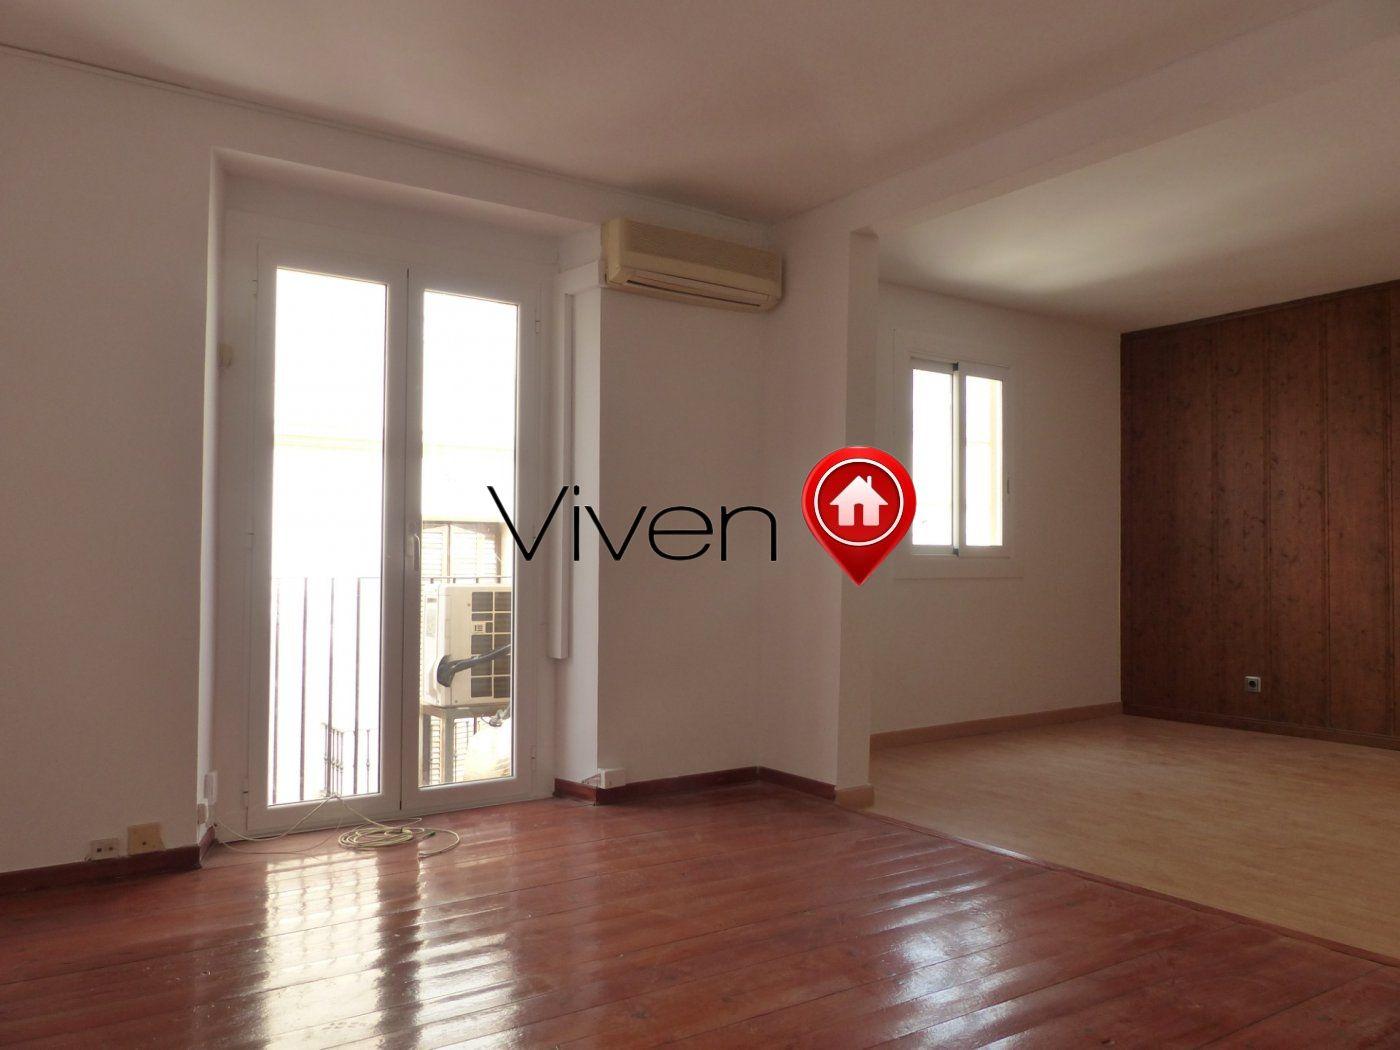 Office for rent in Centre, Vilanova i la Geltru